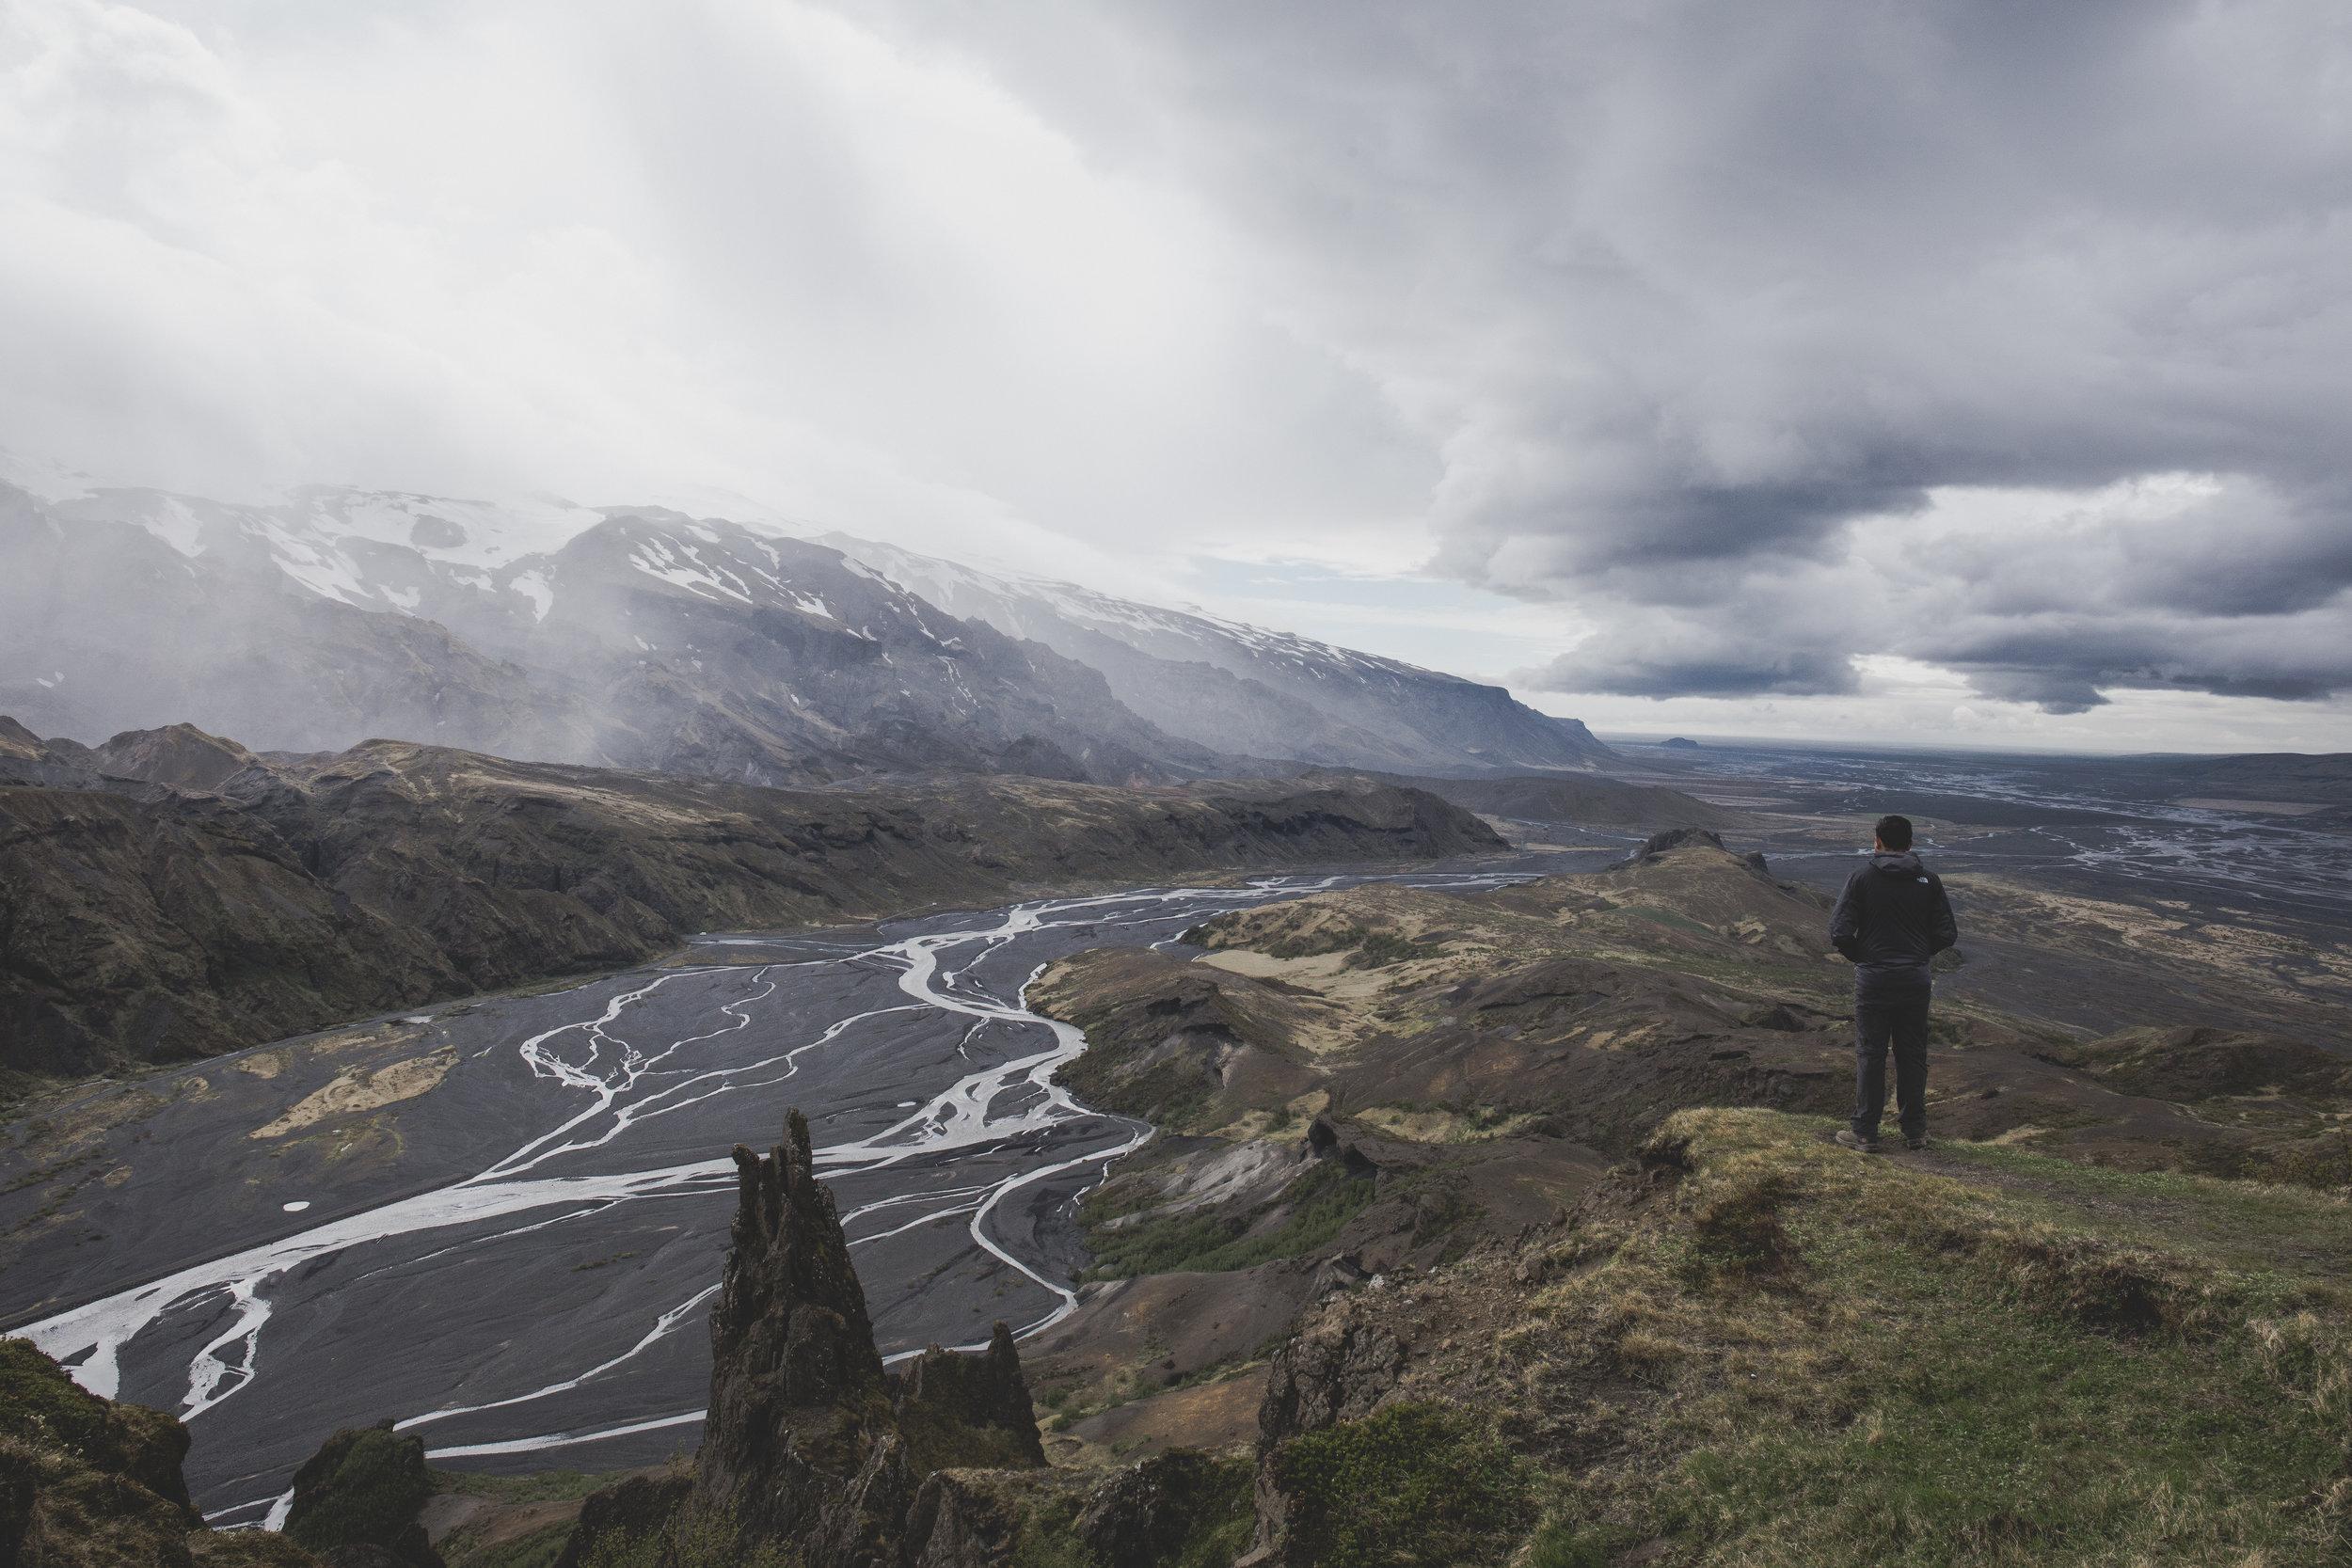 Sharad admiring the great views at the top of Valahnukur